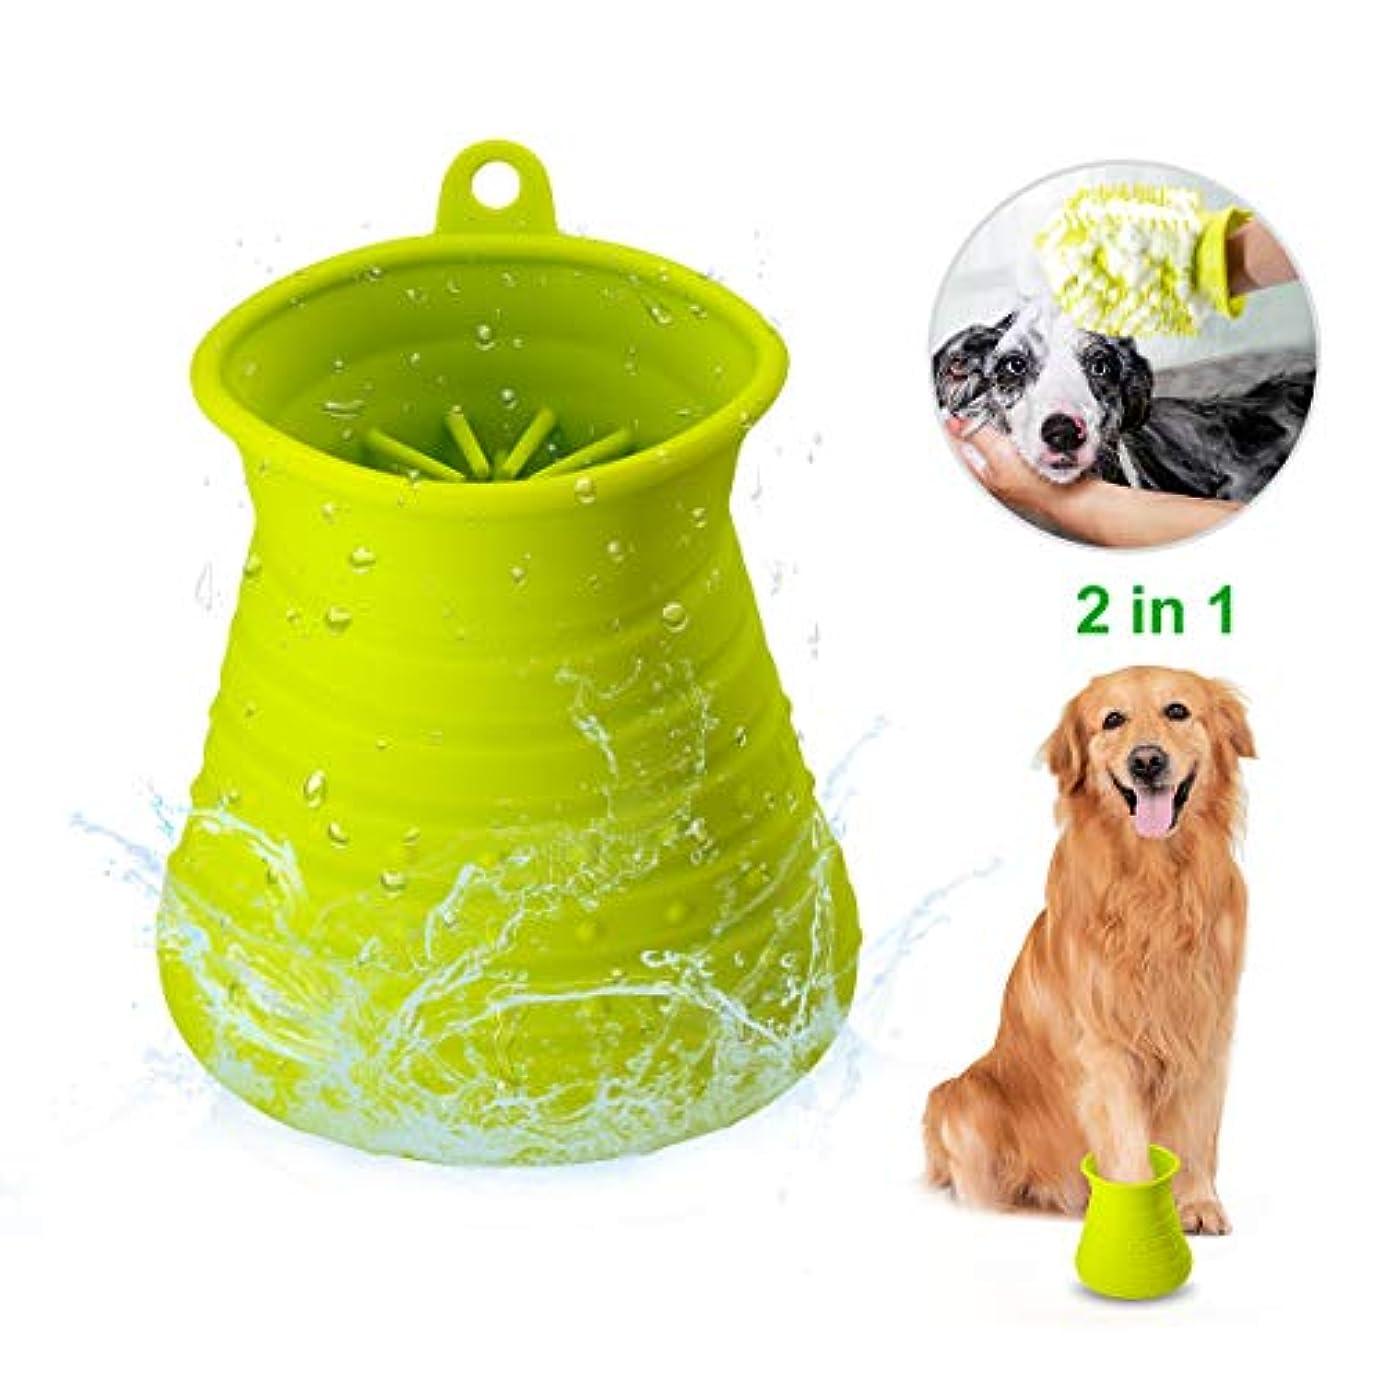 食料品店強制報酬犬 足洗いカップ SPAZEL ペット 足 クリーナー シリコーン製 使いやすい 洗浄力抜群 柔軟 マッサージ効果 携帯便利 小型中型 犬 猫 最適